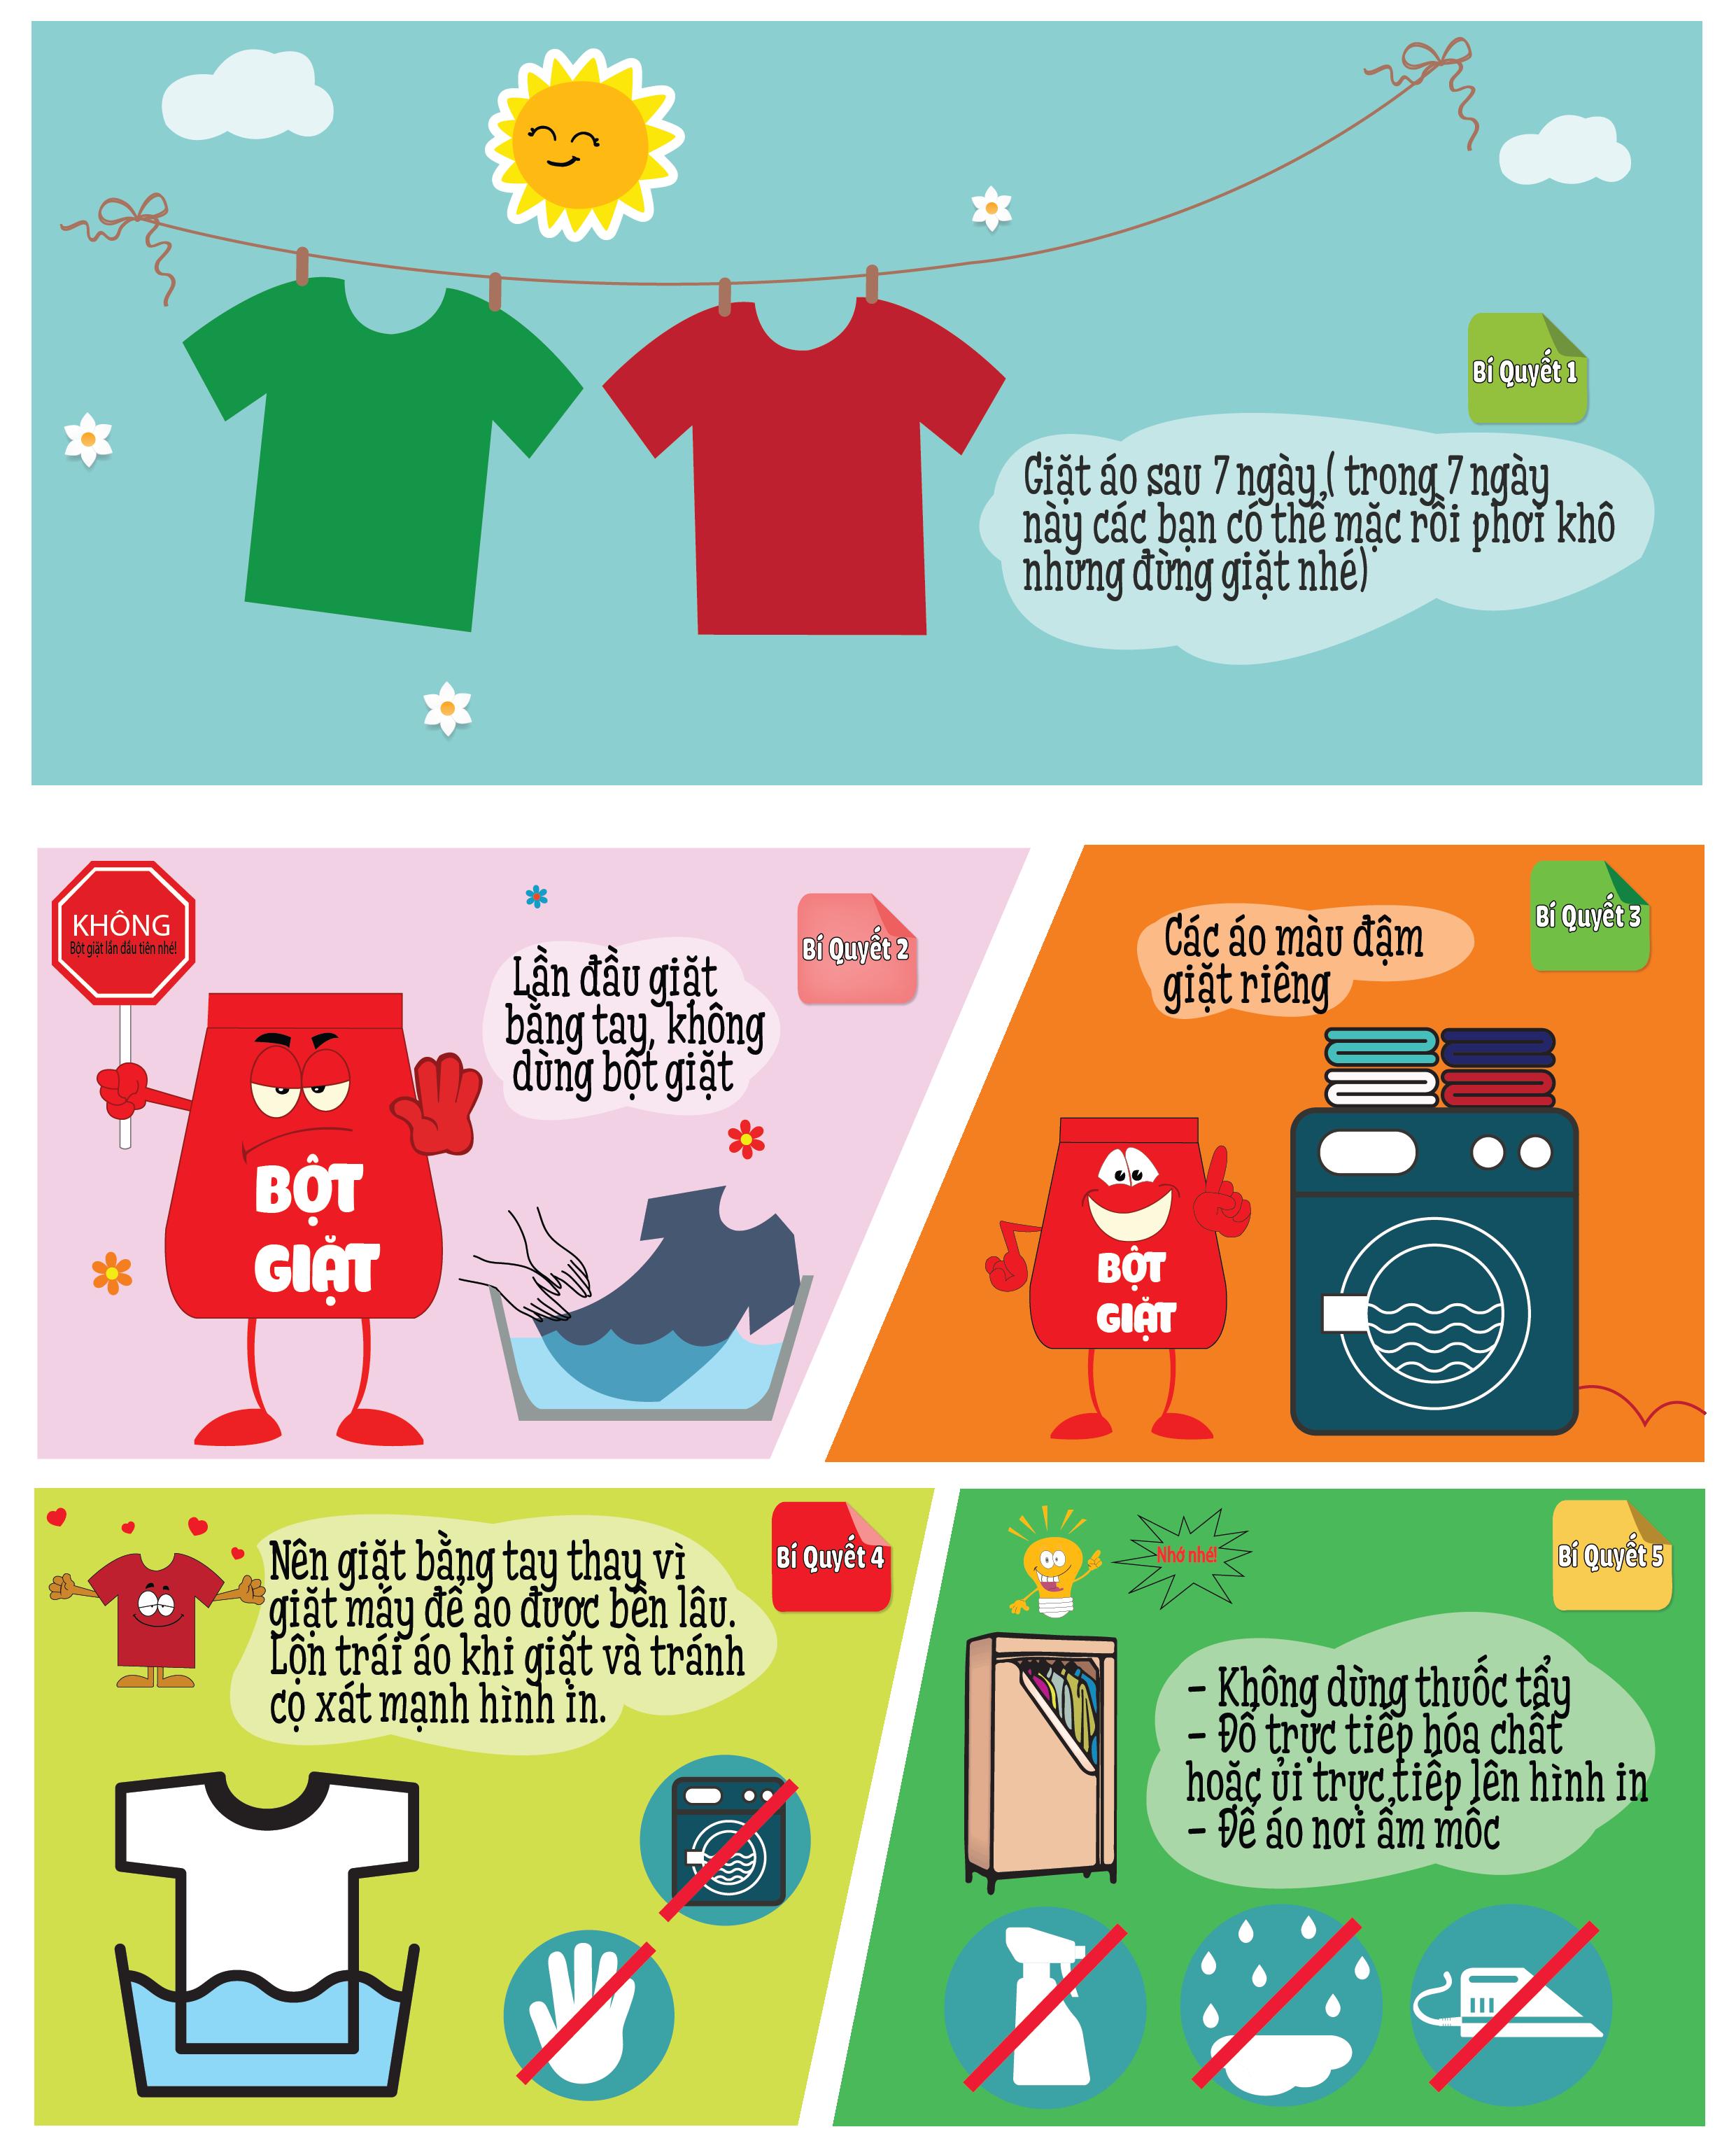 Cách bảo quản áo phông in hình đúng chuẩn